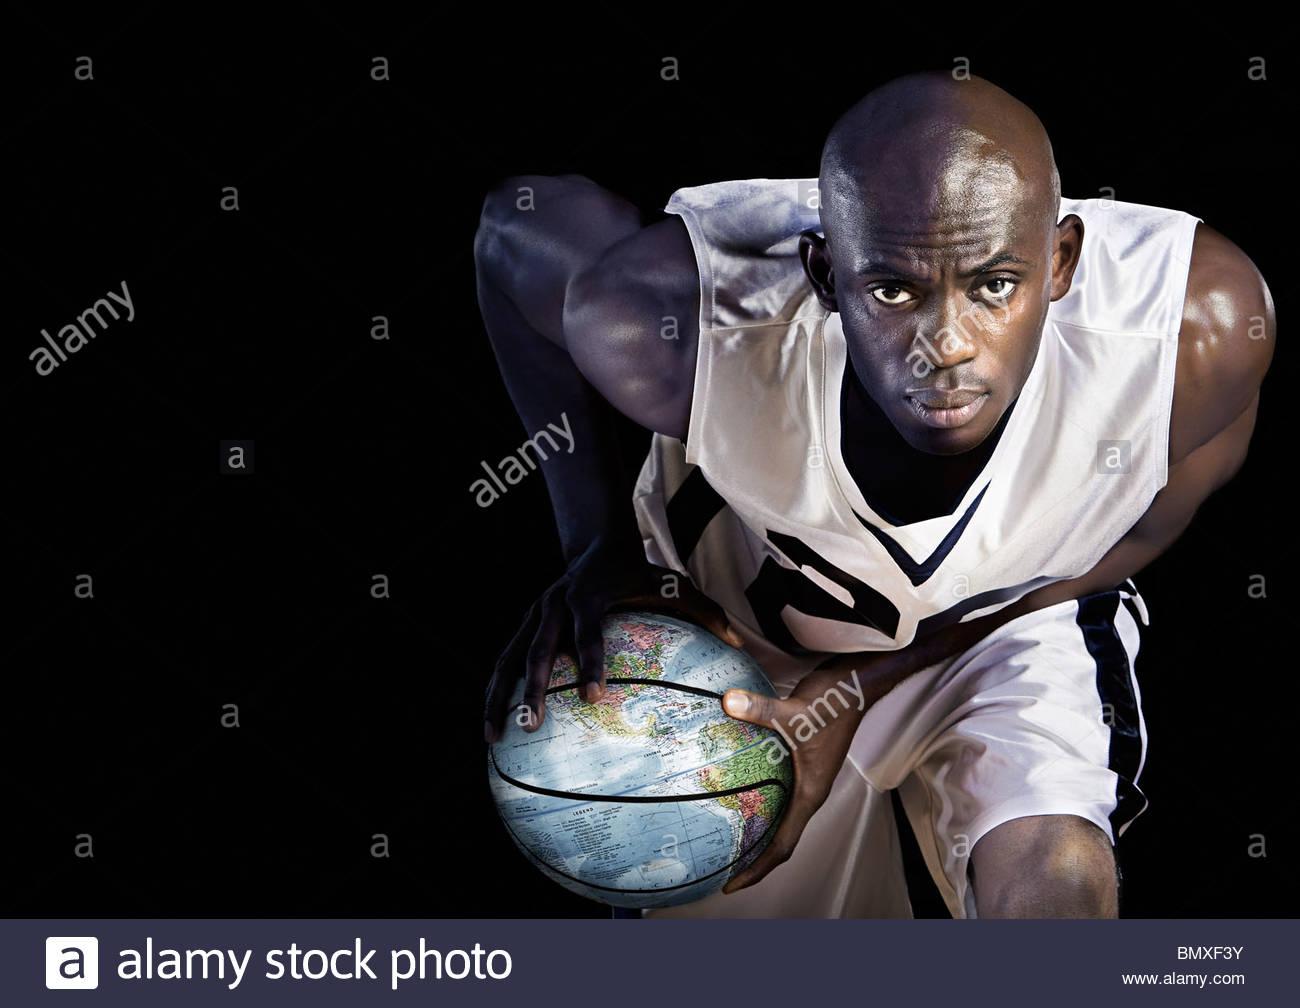 El jugador de baloncesto con el mundo del baloncesto Imagen De Stock